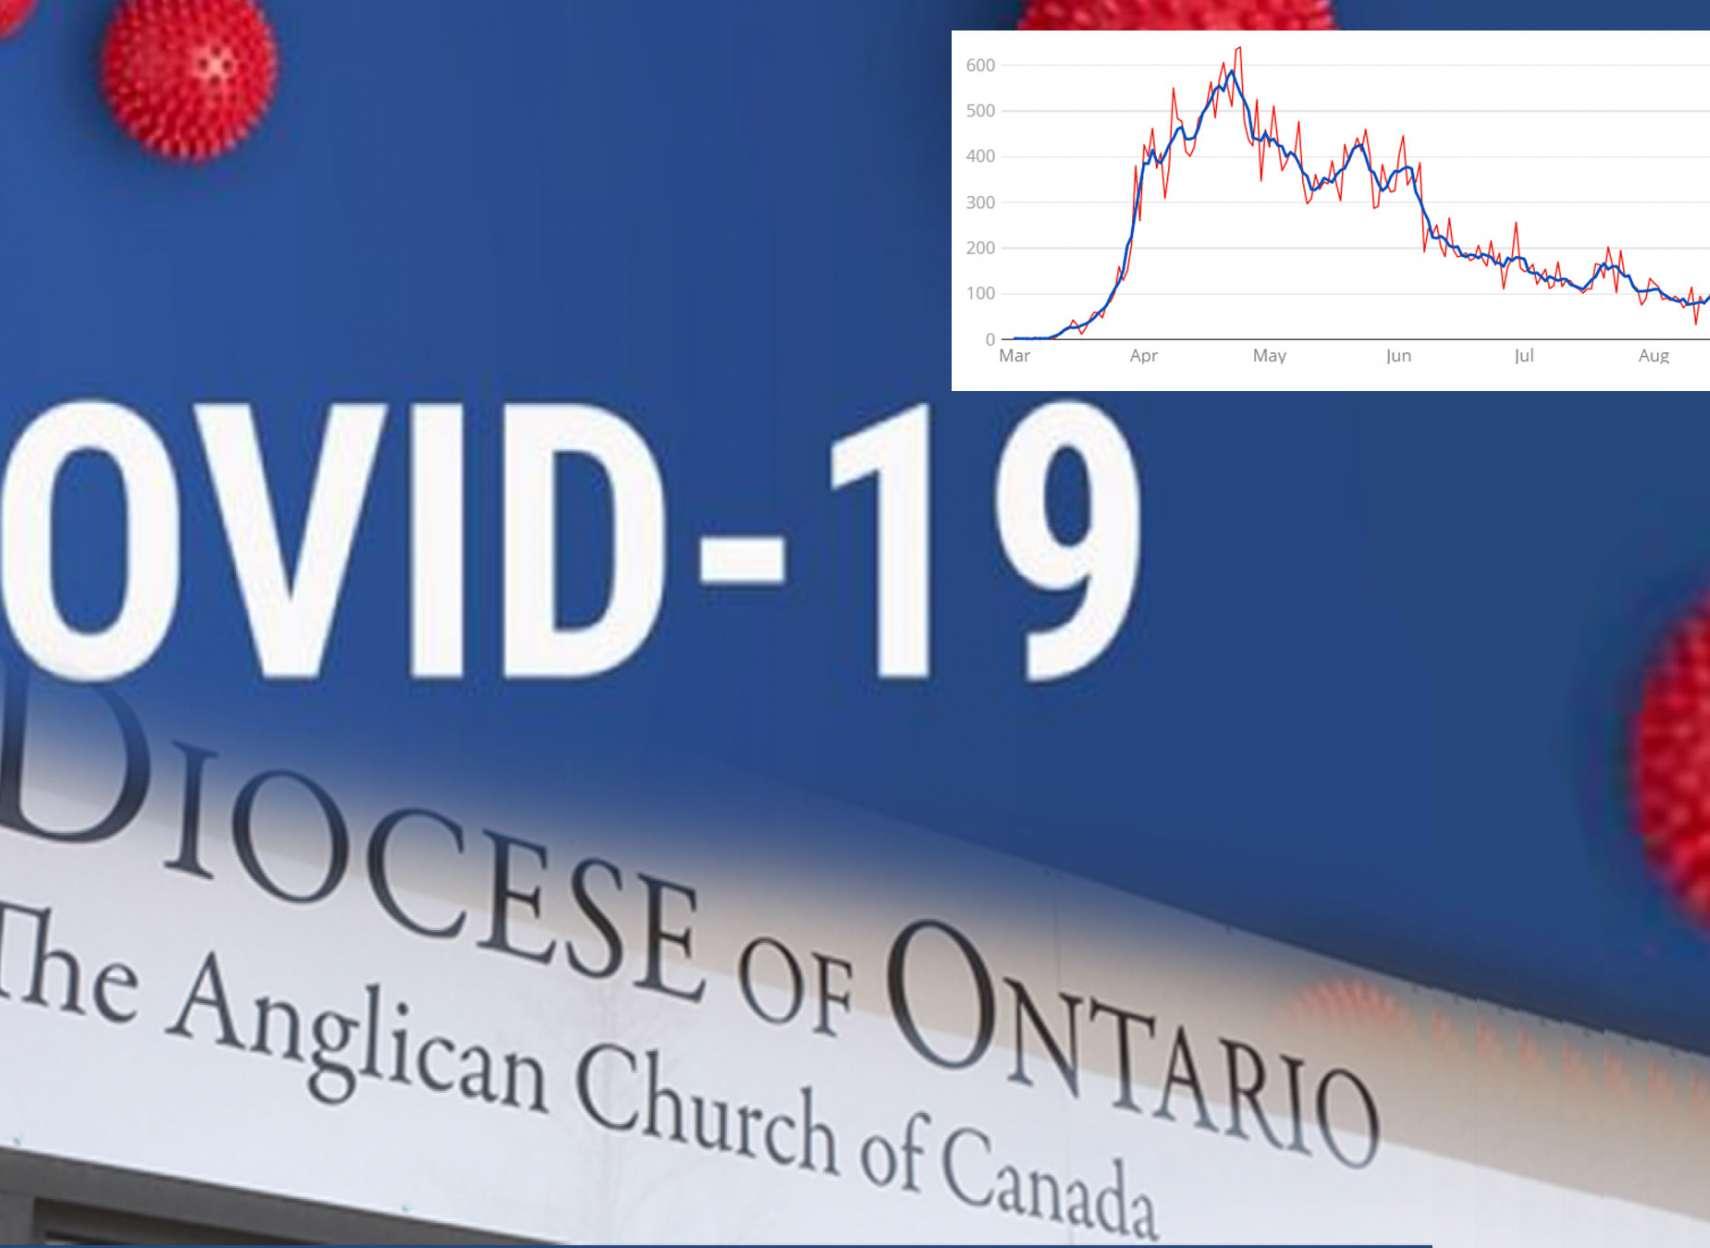 اخبار-تورنتو-افزایش-چشمگیر-کرونا-و-اعلان-خطر-در-انتاریو-داگ-فورد-برای-مقابله-با-دلایل-اصلی-طرح-جدید-ارائه-می-کند